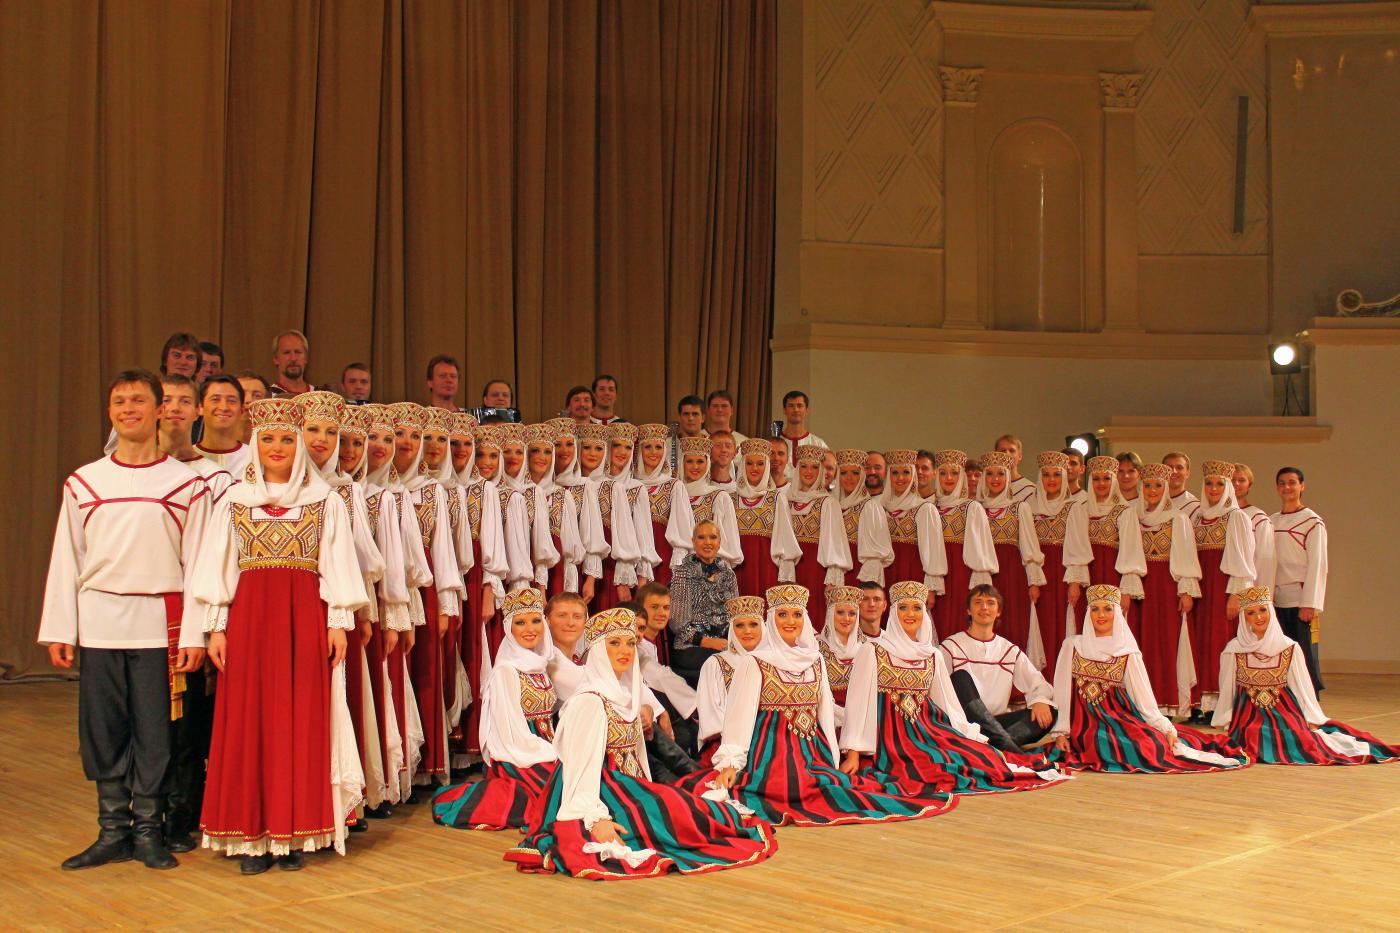 этот русский народный хор имени пятницкого картинки эпиляция